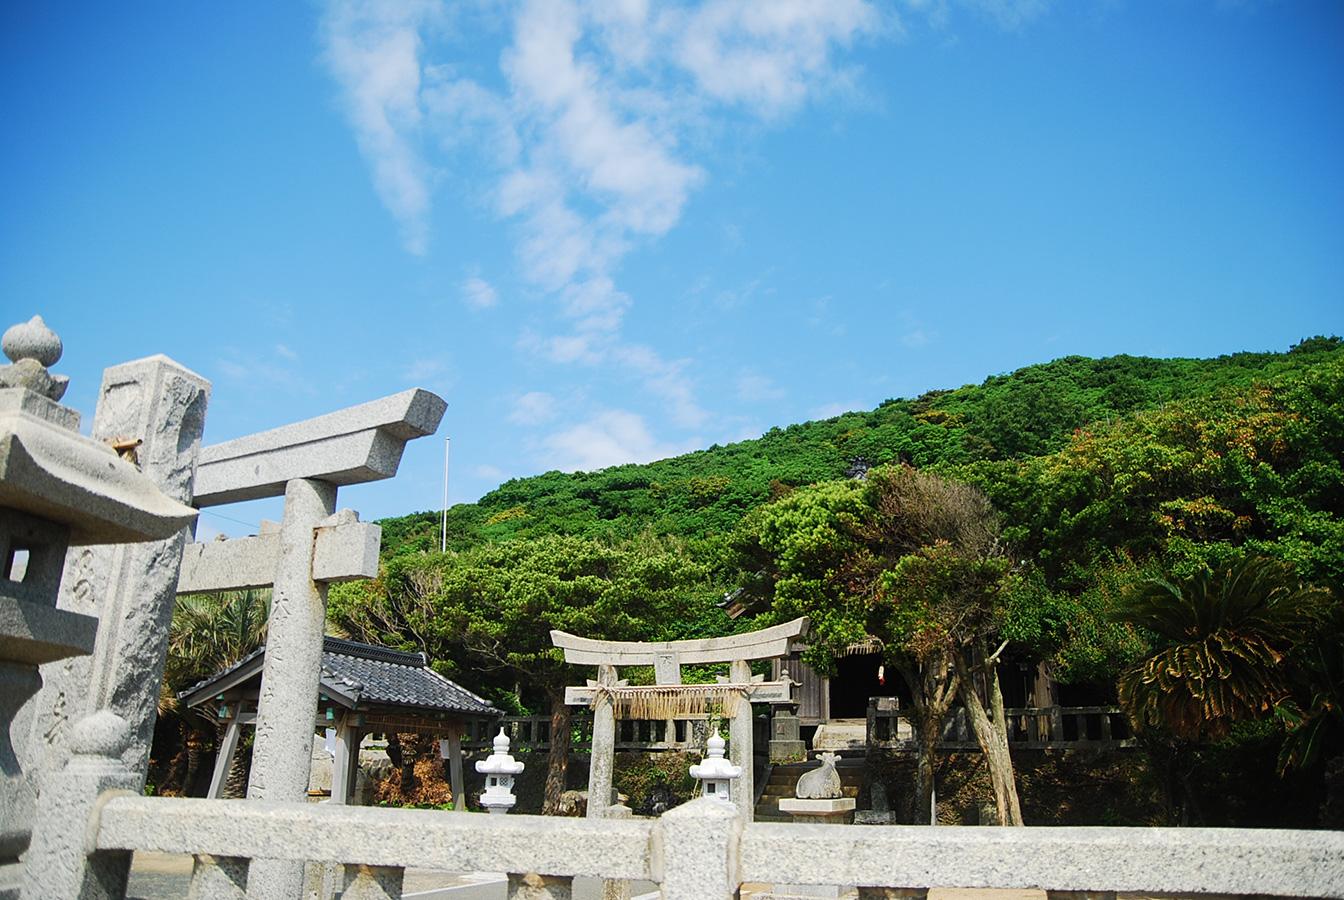 糸島スタイルの働き方とライフスタイルを世界に発信する。